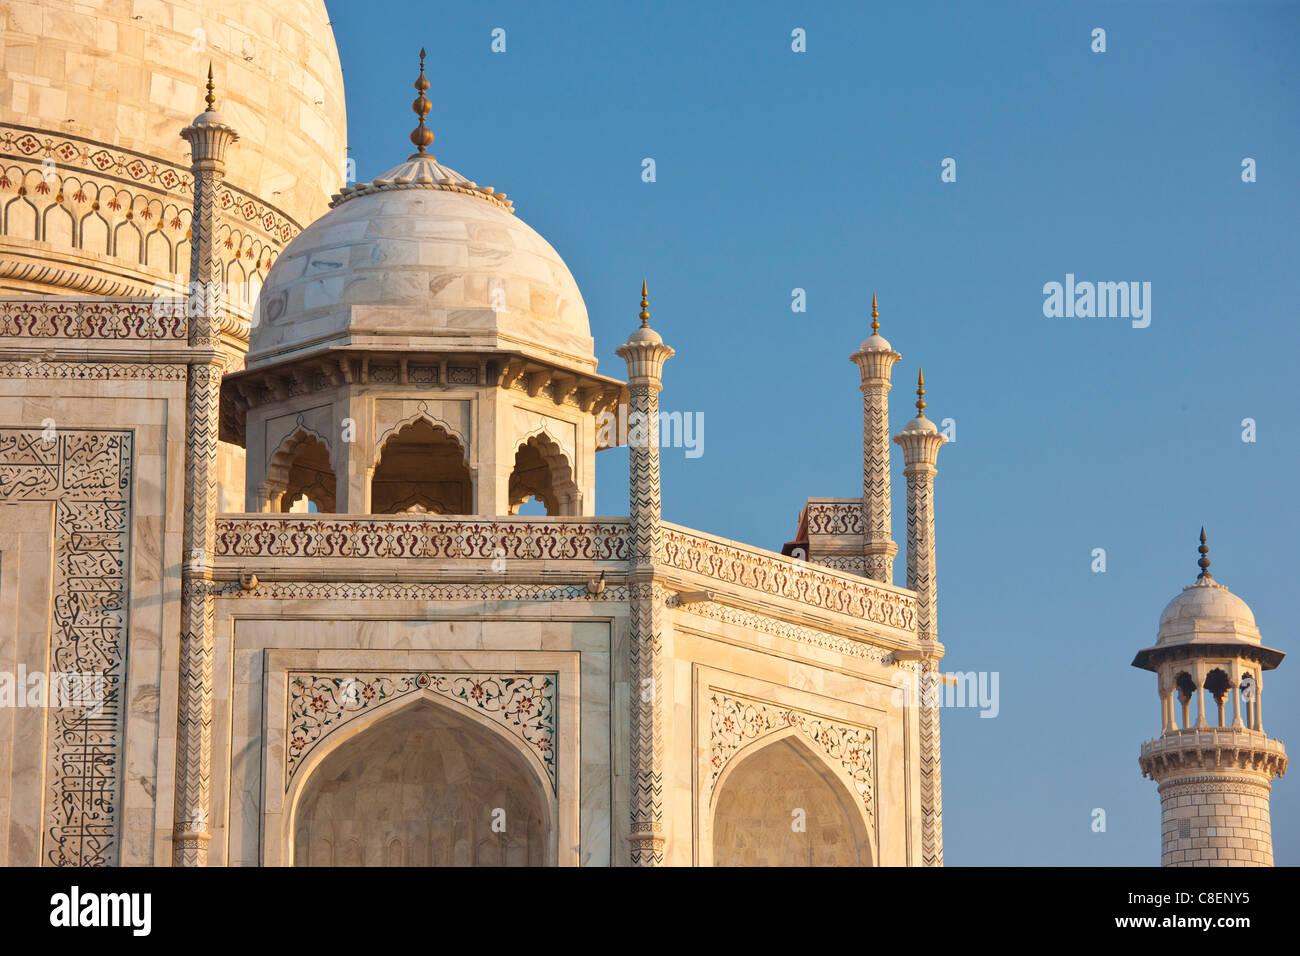 El Taj Mahal mausoleo western ver detalle, Uttar Pradesh, India Imagen De Stock